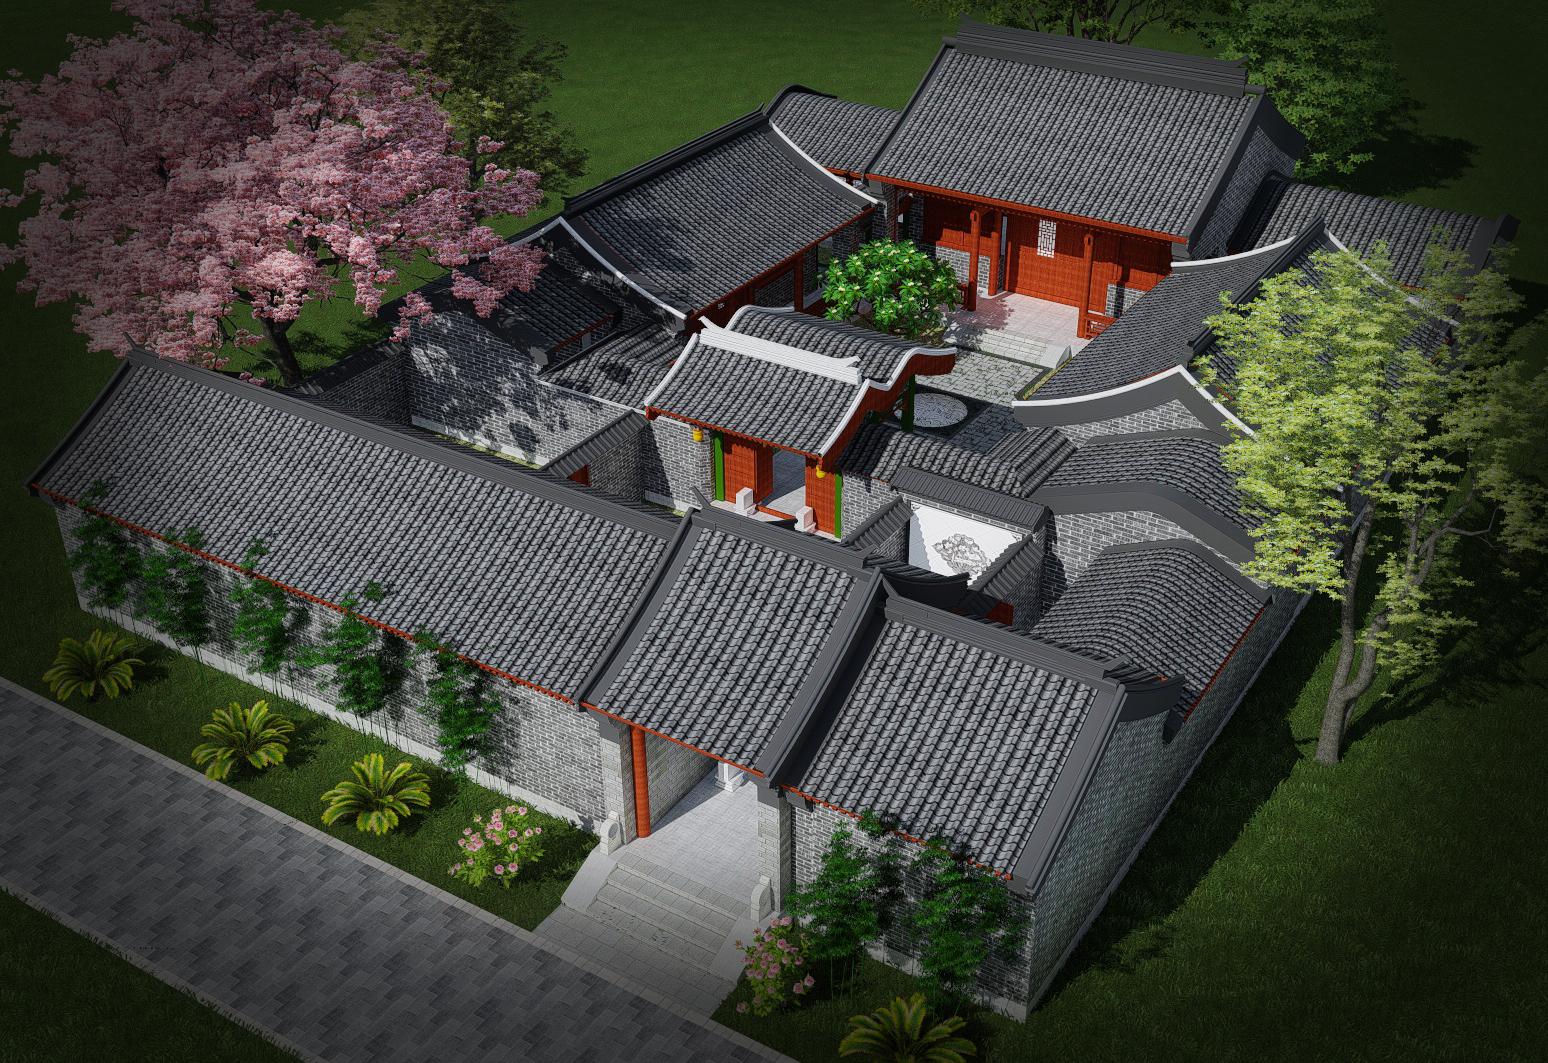 四合院设计四合院别墅设计中式自建房设计四合院效果图自建房